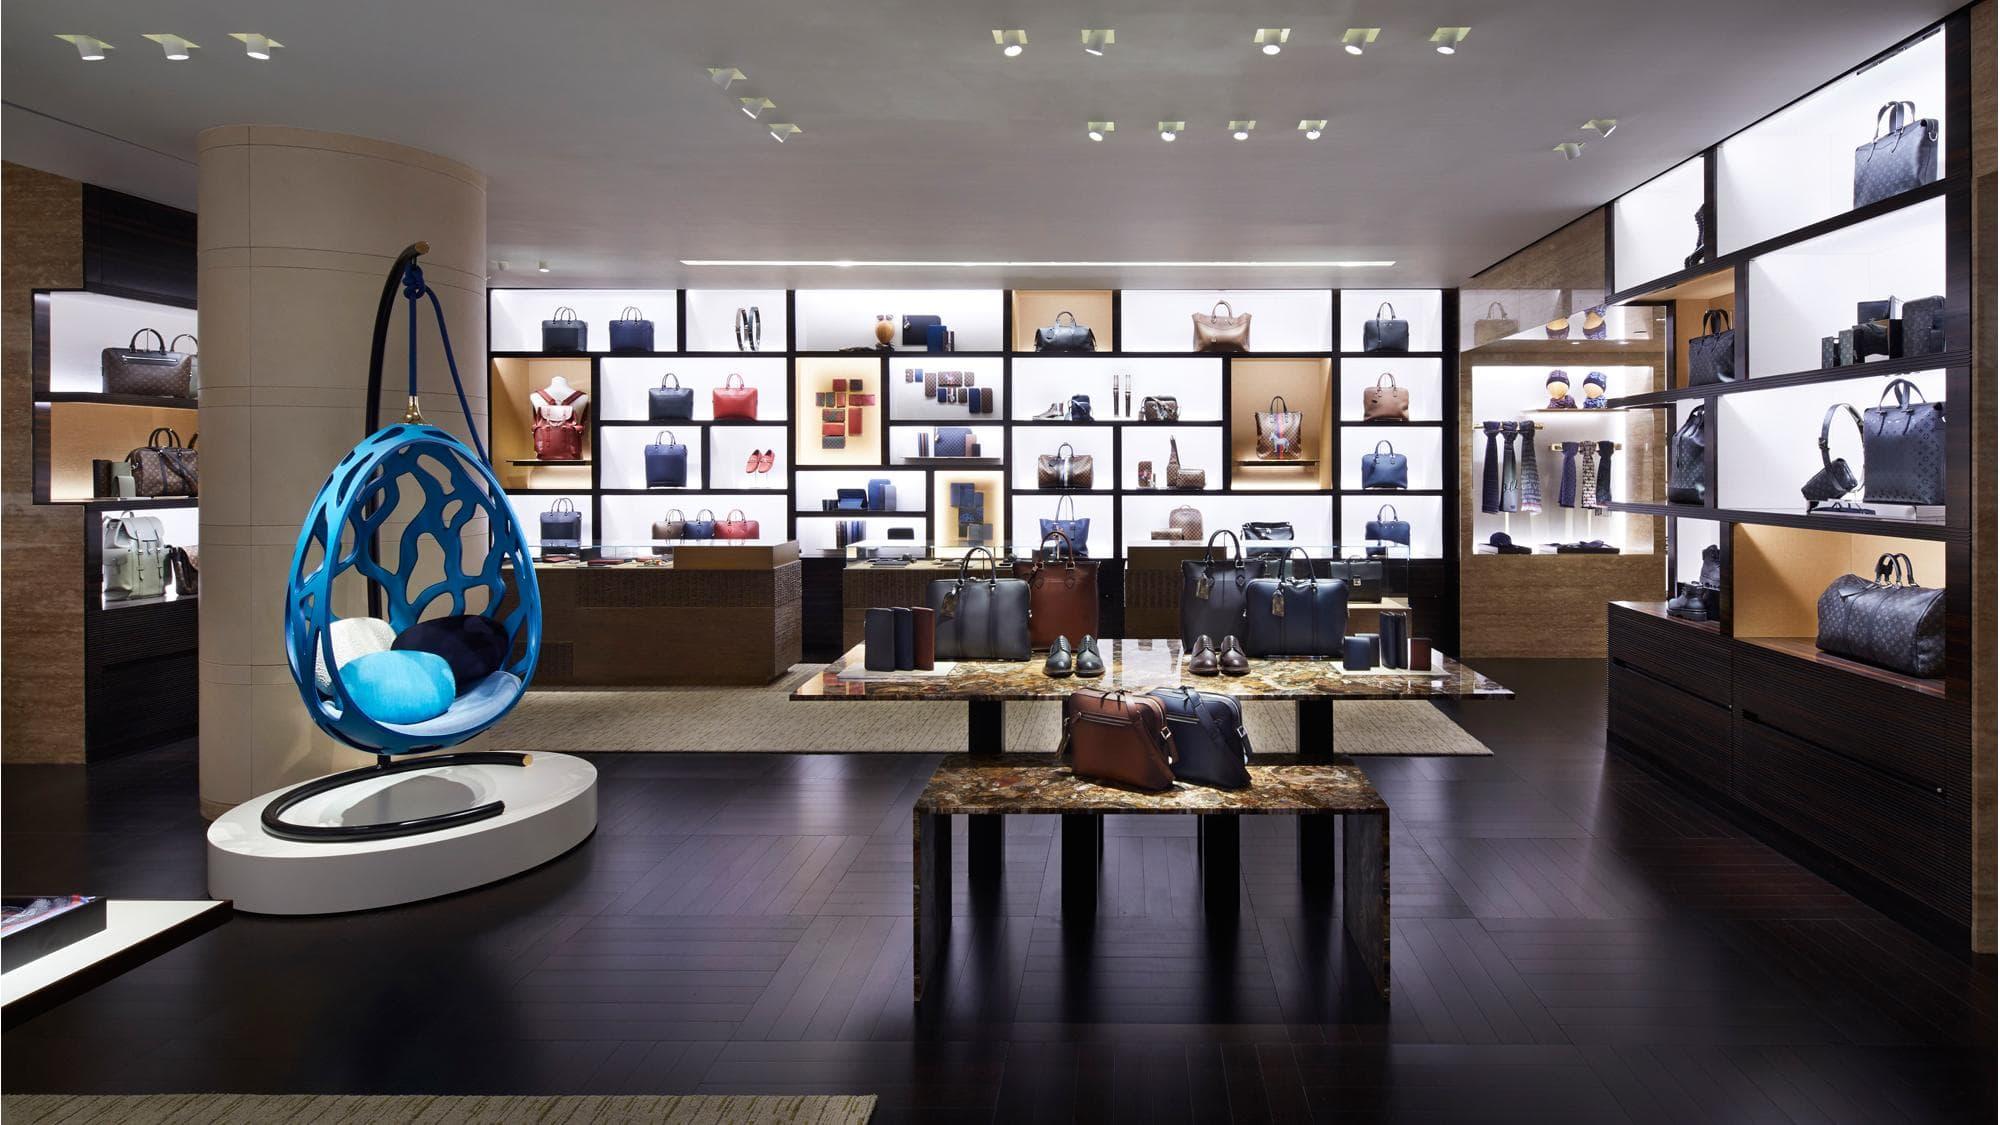 curso dialux barcelona - mexico, dialux, iluminacion en tiendas, moda